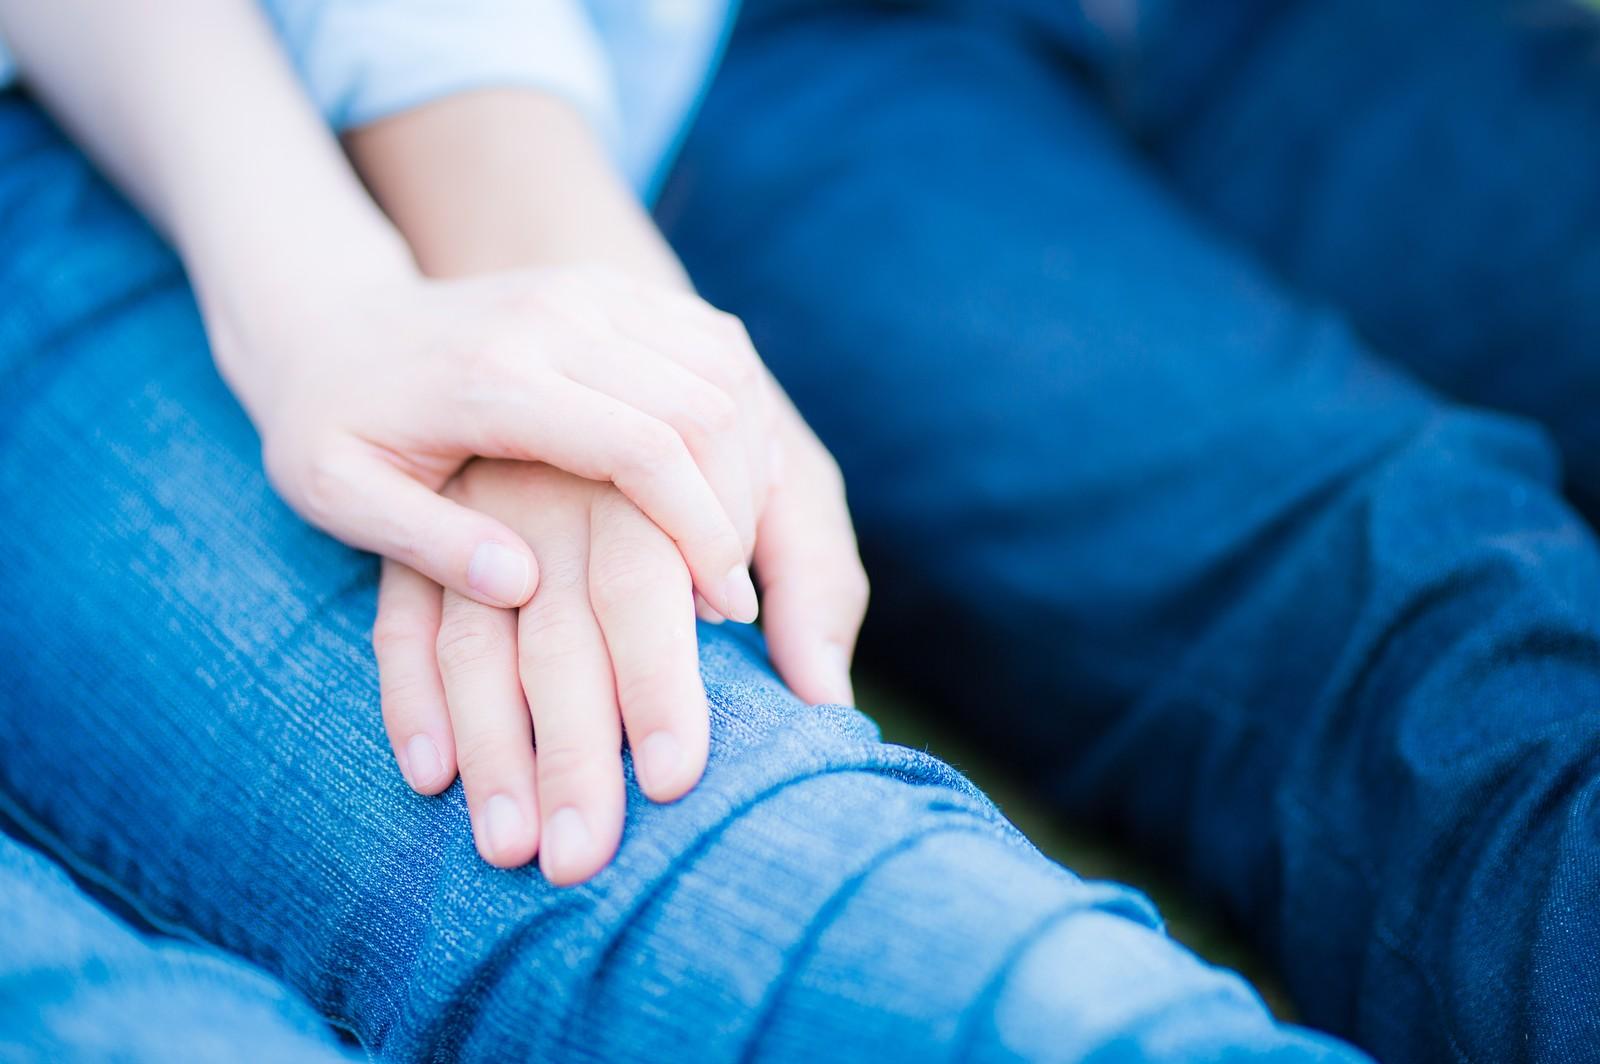 ユニフォーム効果が二人を結ぶ? 〜カップル・夫婦・家族の絆を強めるリンクコーデ〜